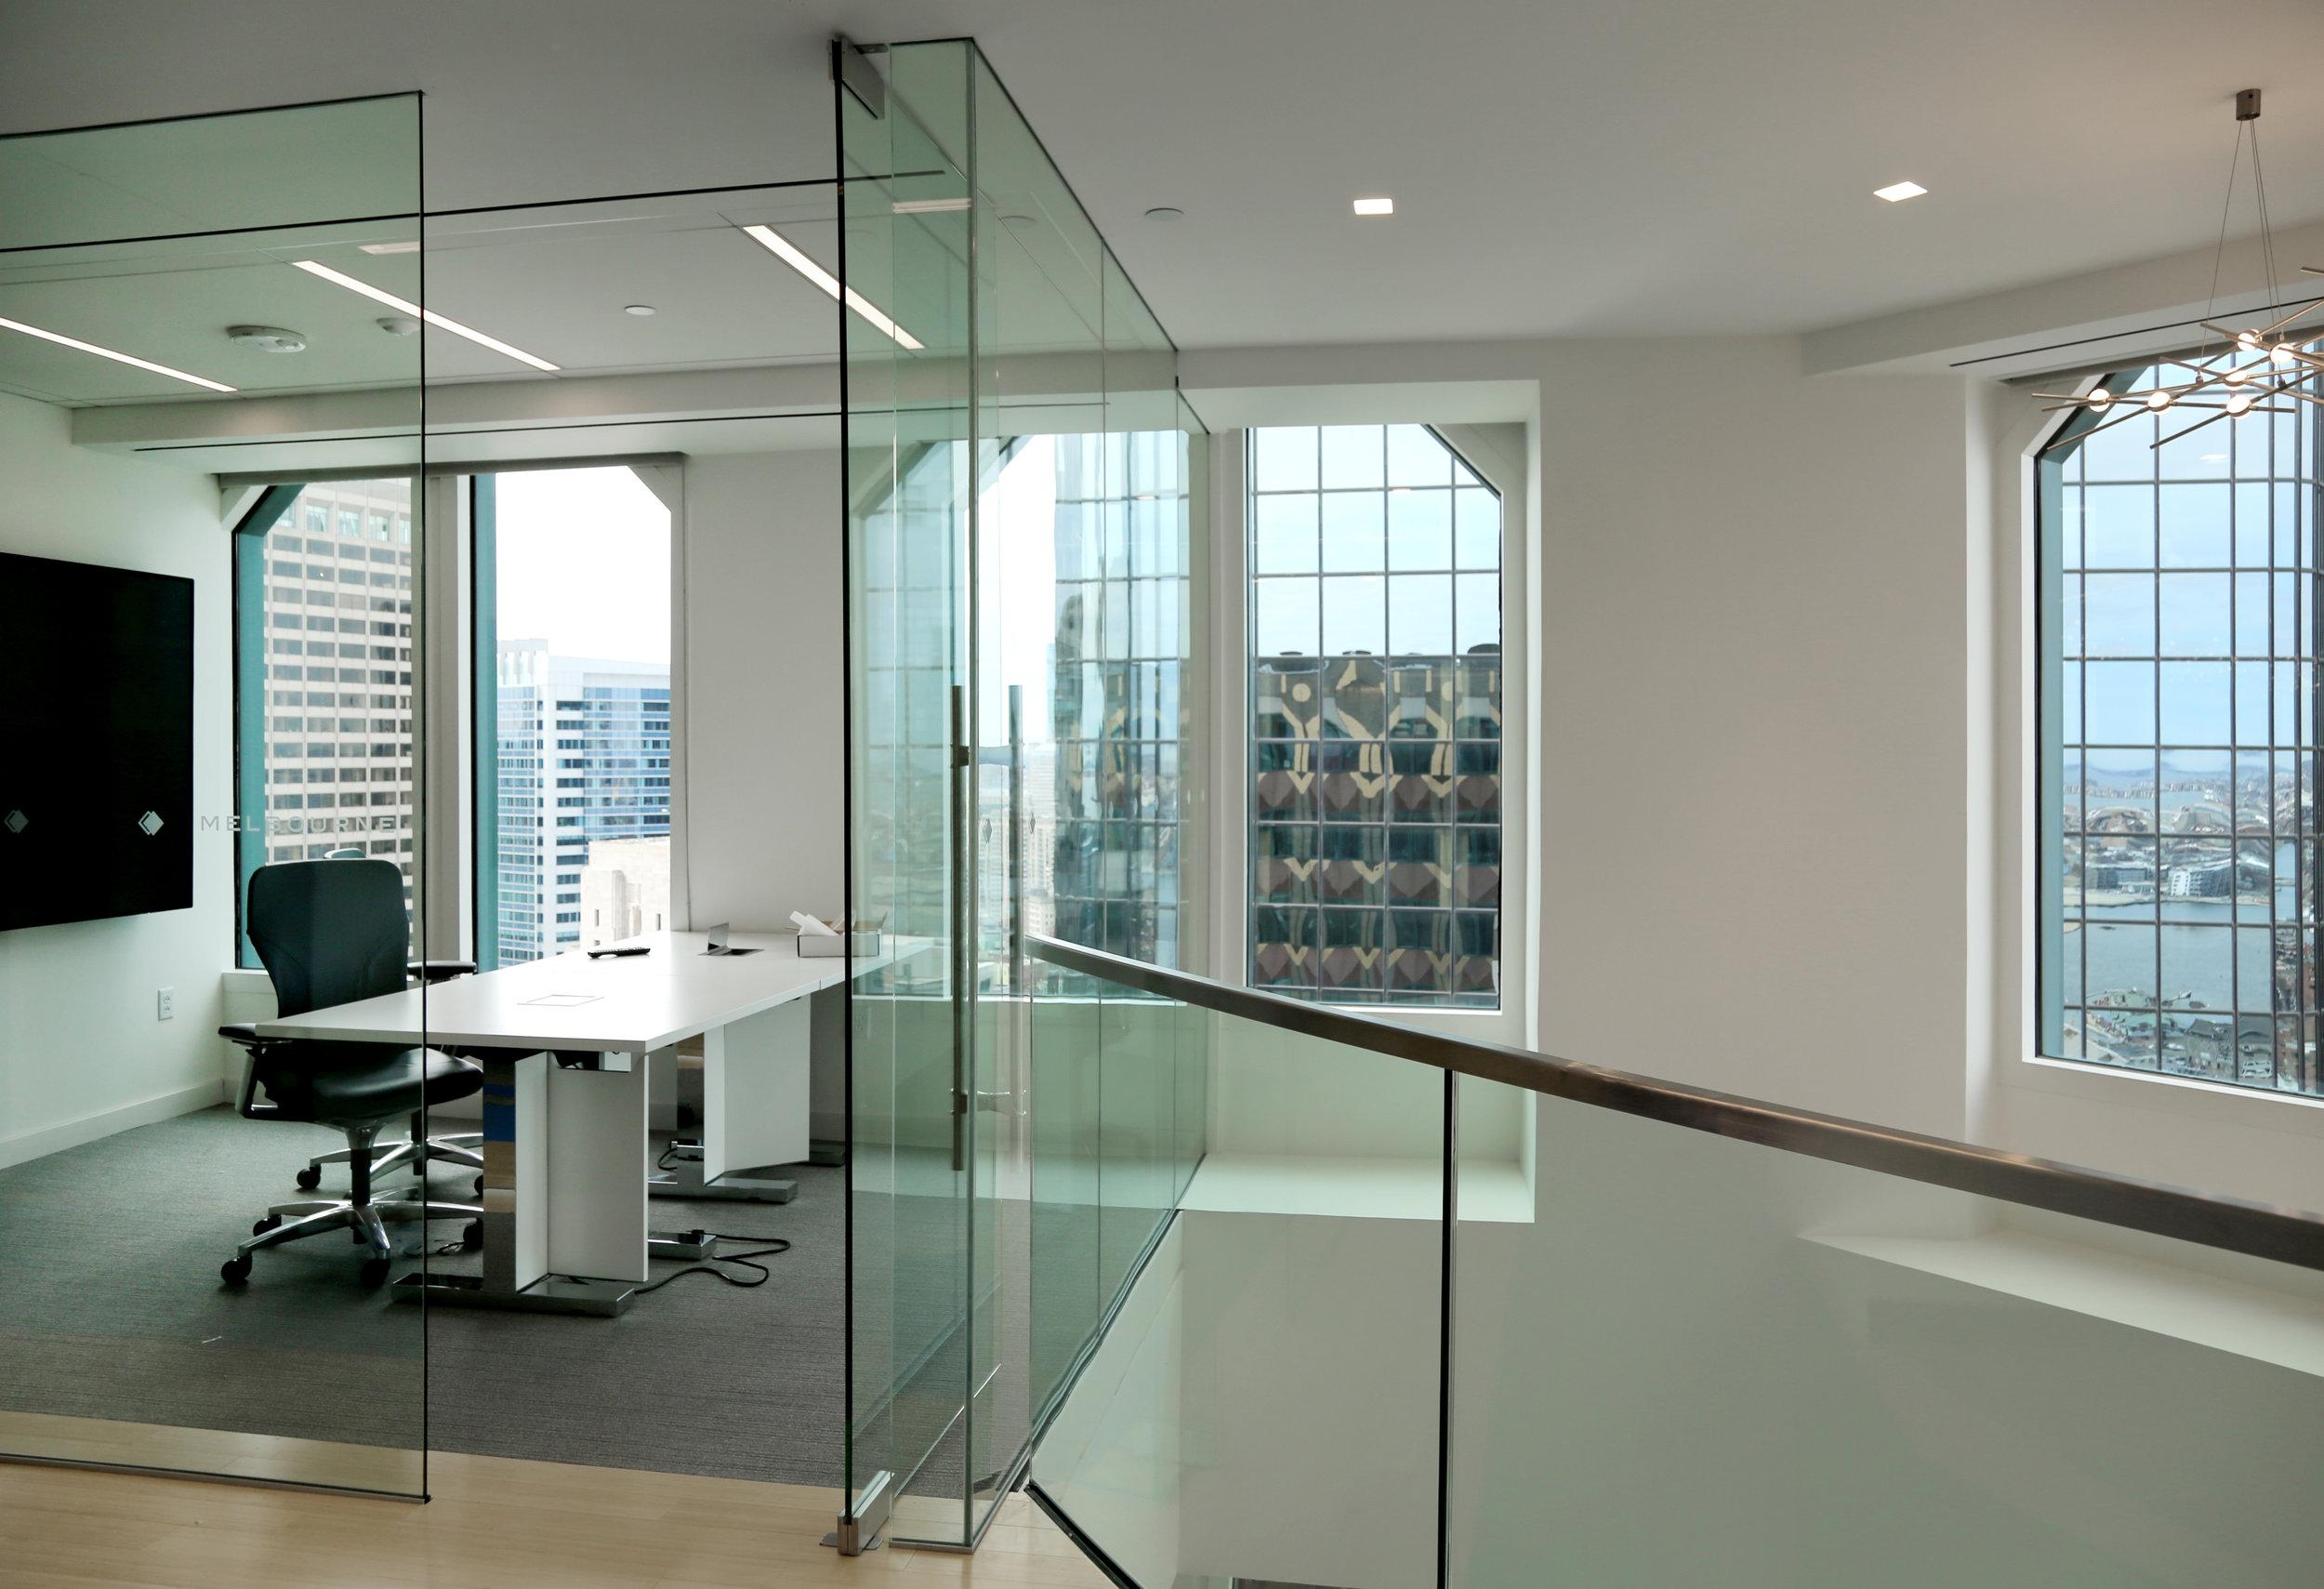 Frameless Glass Pivot Swing Door in Frameless Glass Wall Front - Spaceworks AI.jpg